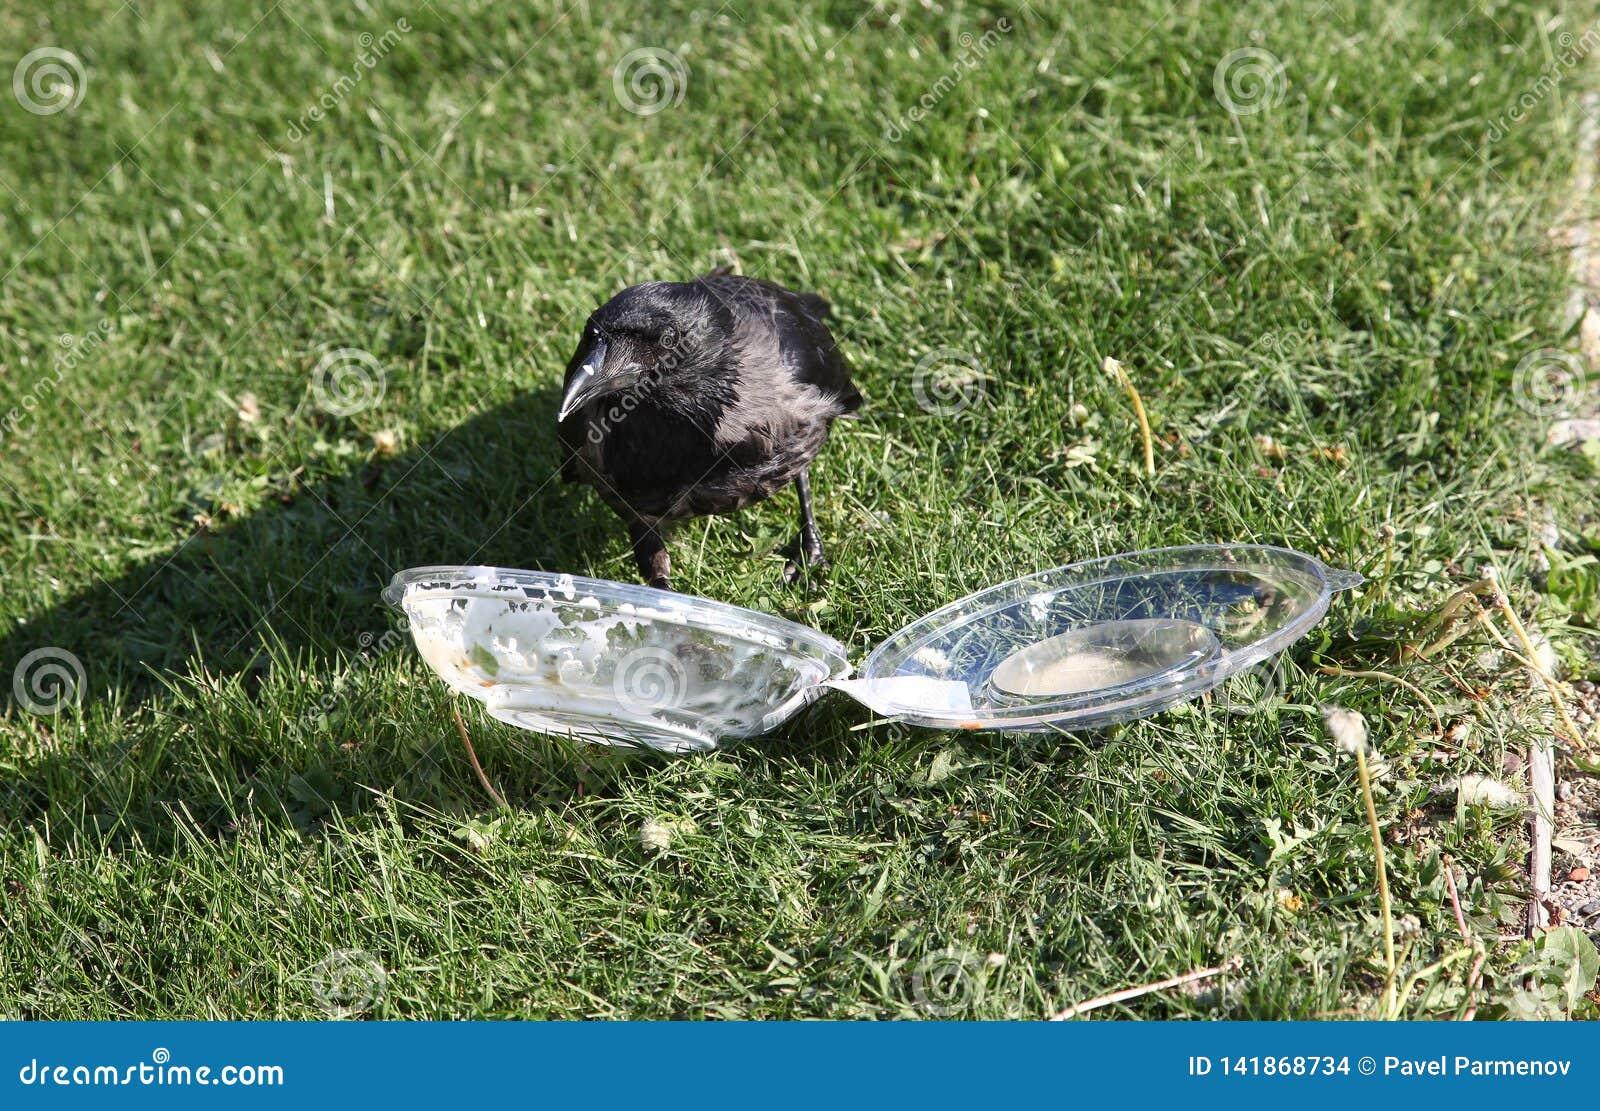 Ворона вытягивает еду из пластмасового контейнера